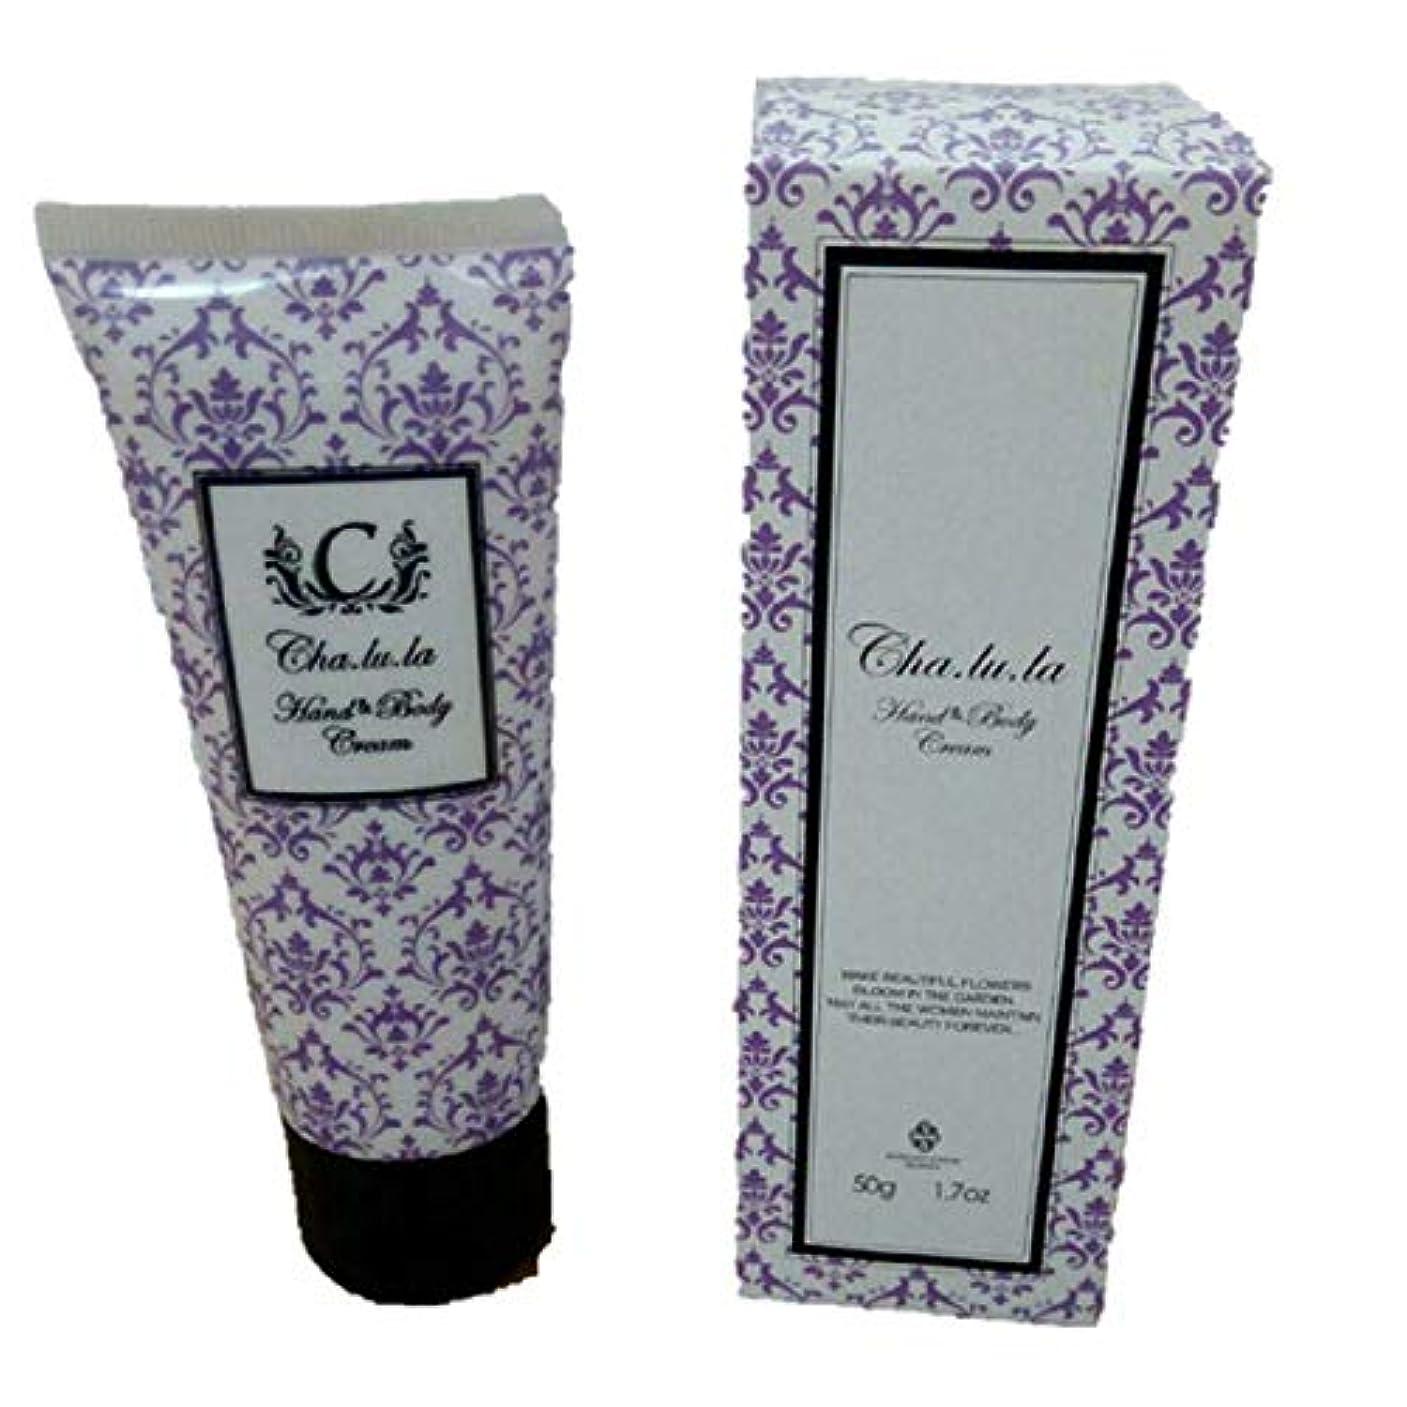 トレーダー教室定義するシャルラ H&Bクリーム ドリーミースウィートの香り ハンド&ボディークリーム 50g